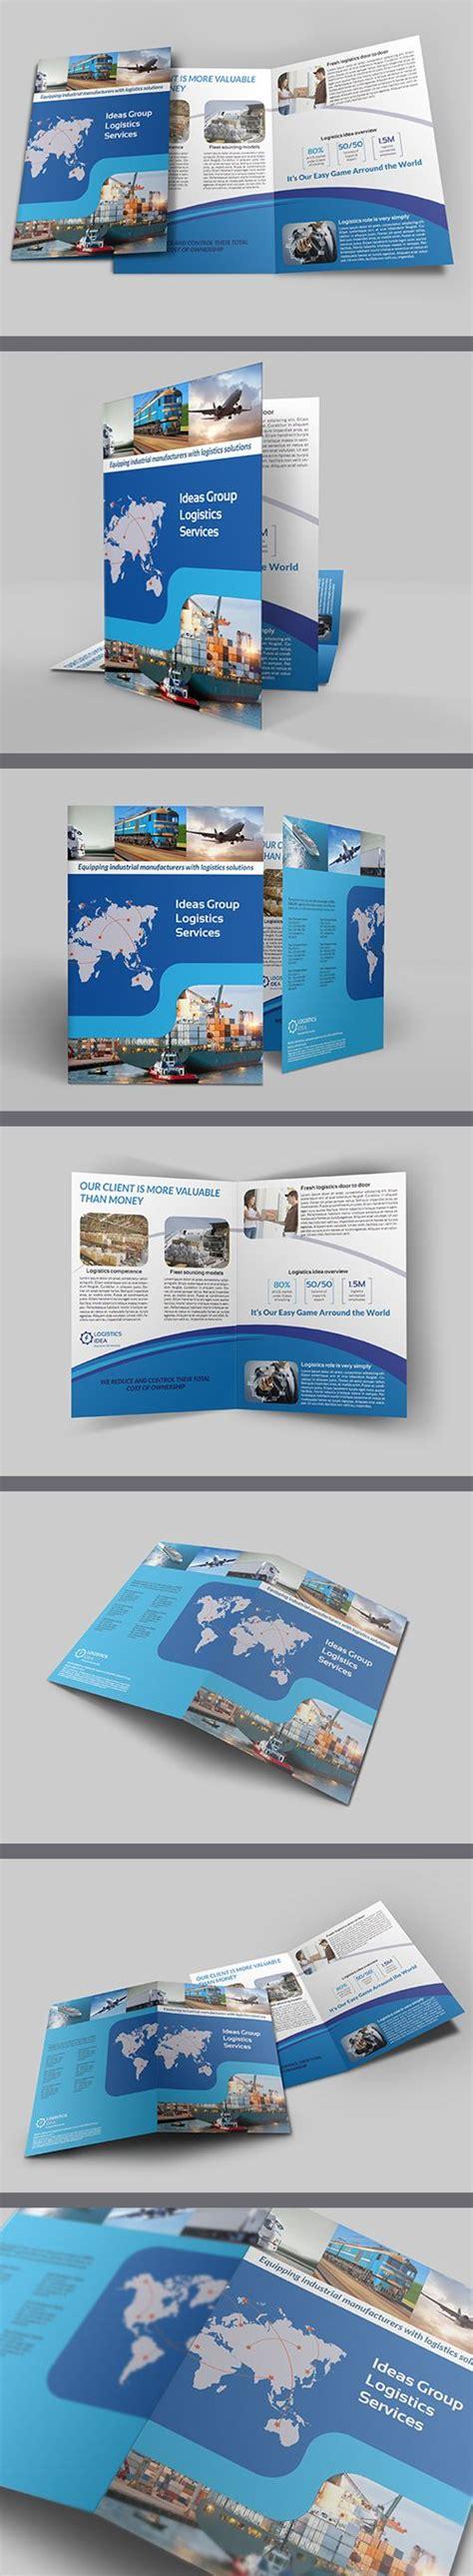 brochure template logistics logistics services bi fold brochure template